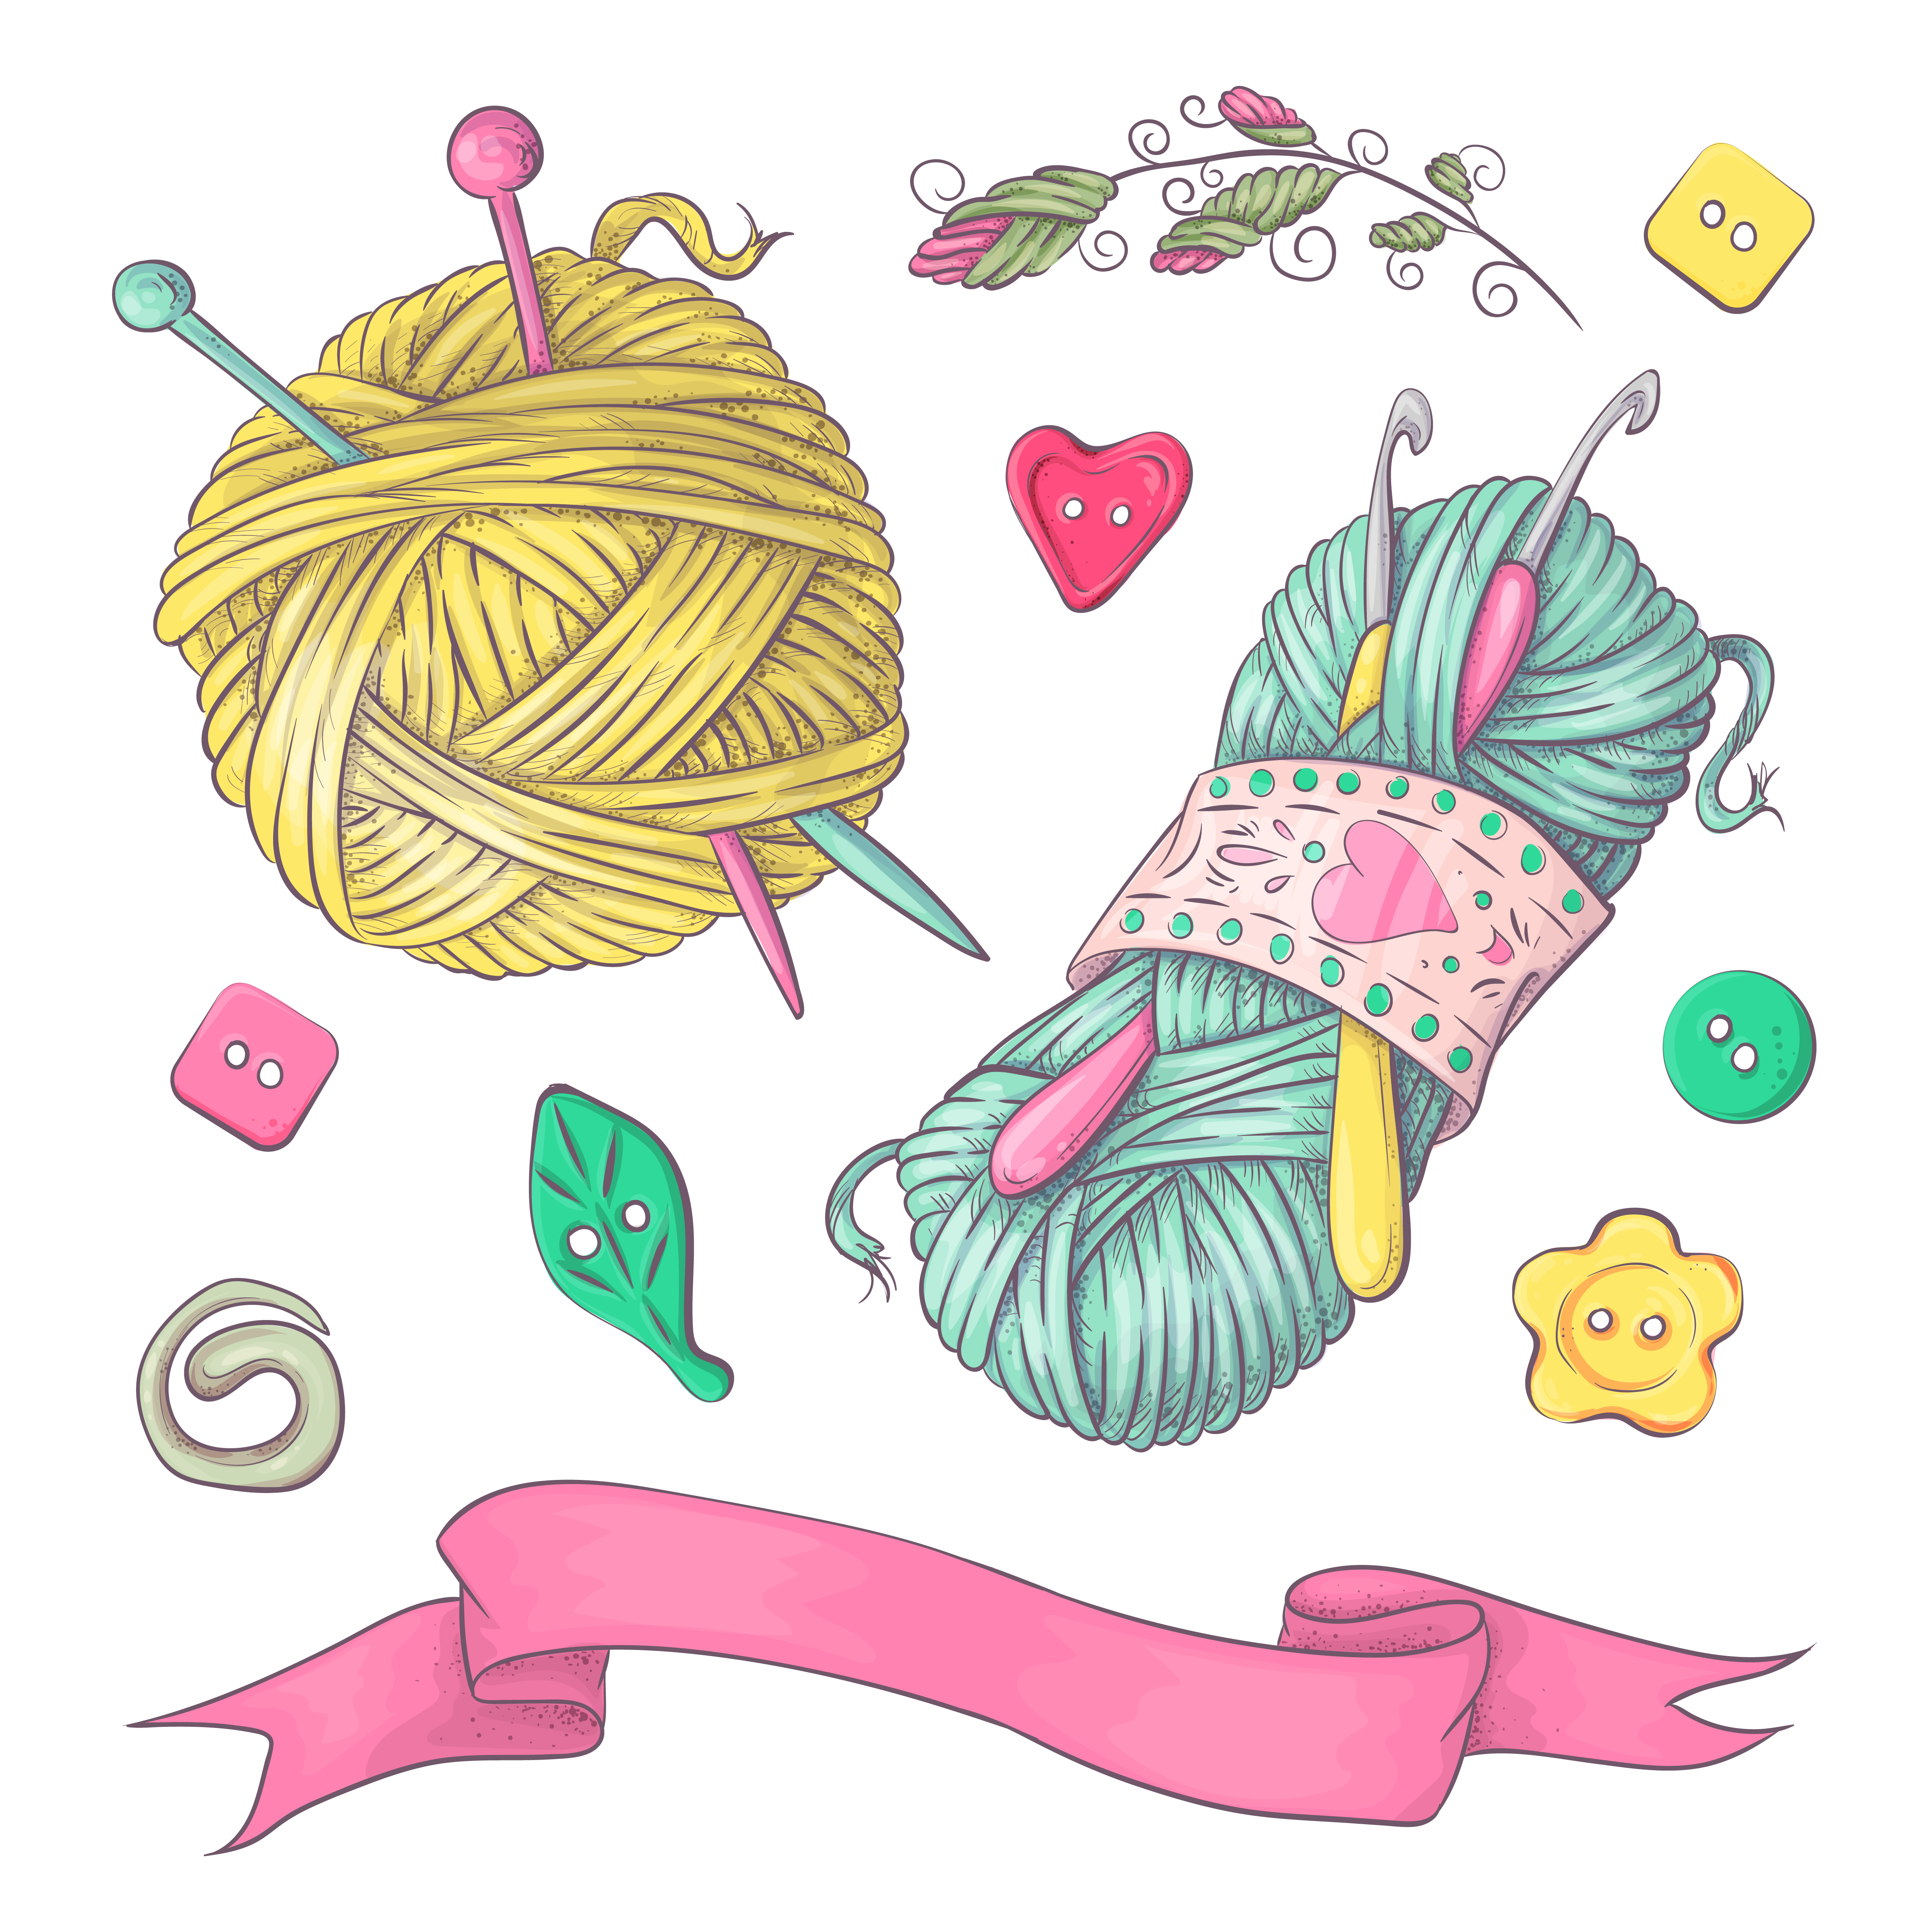 Картинки вязание скрапбукинг клипарт